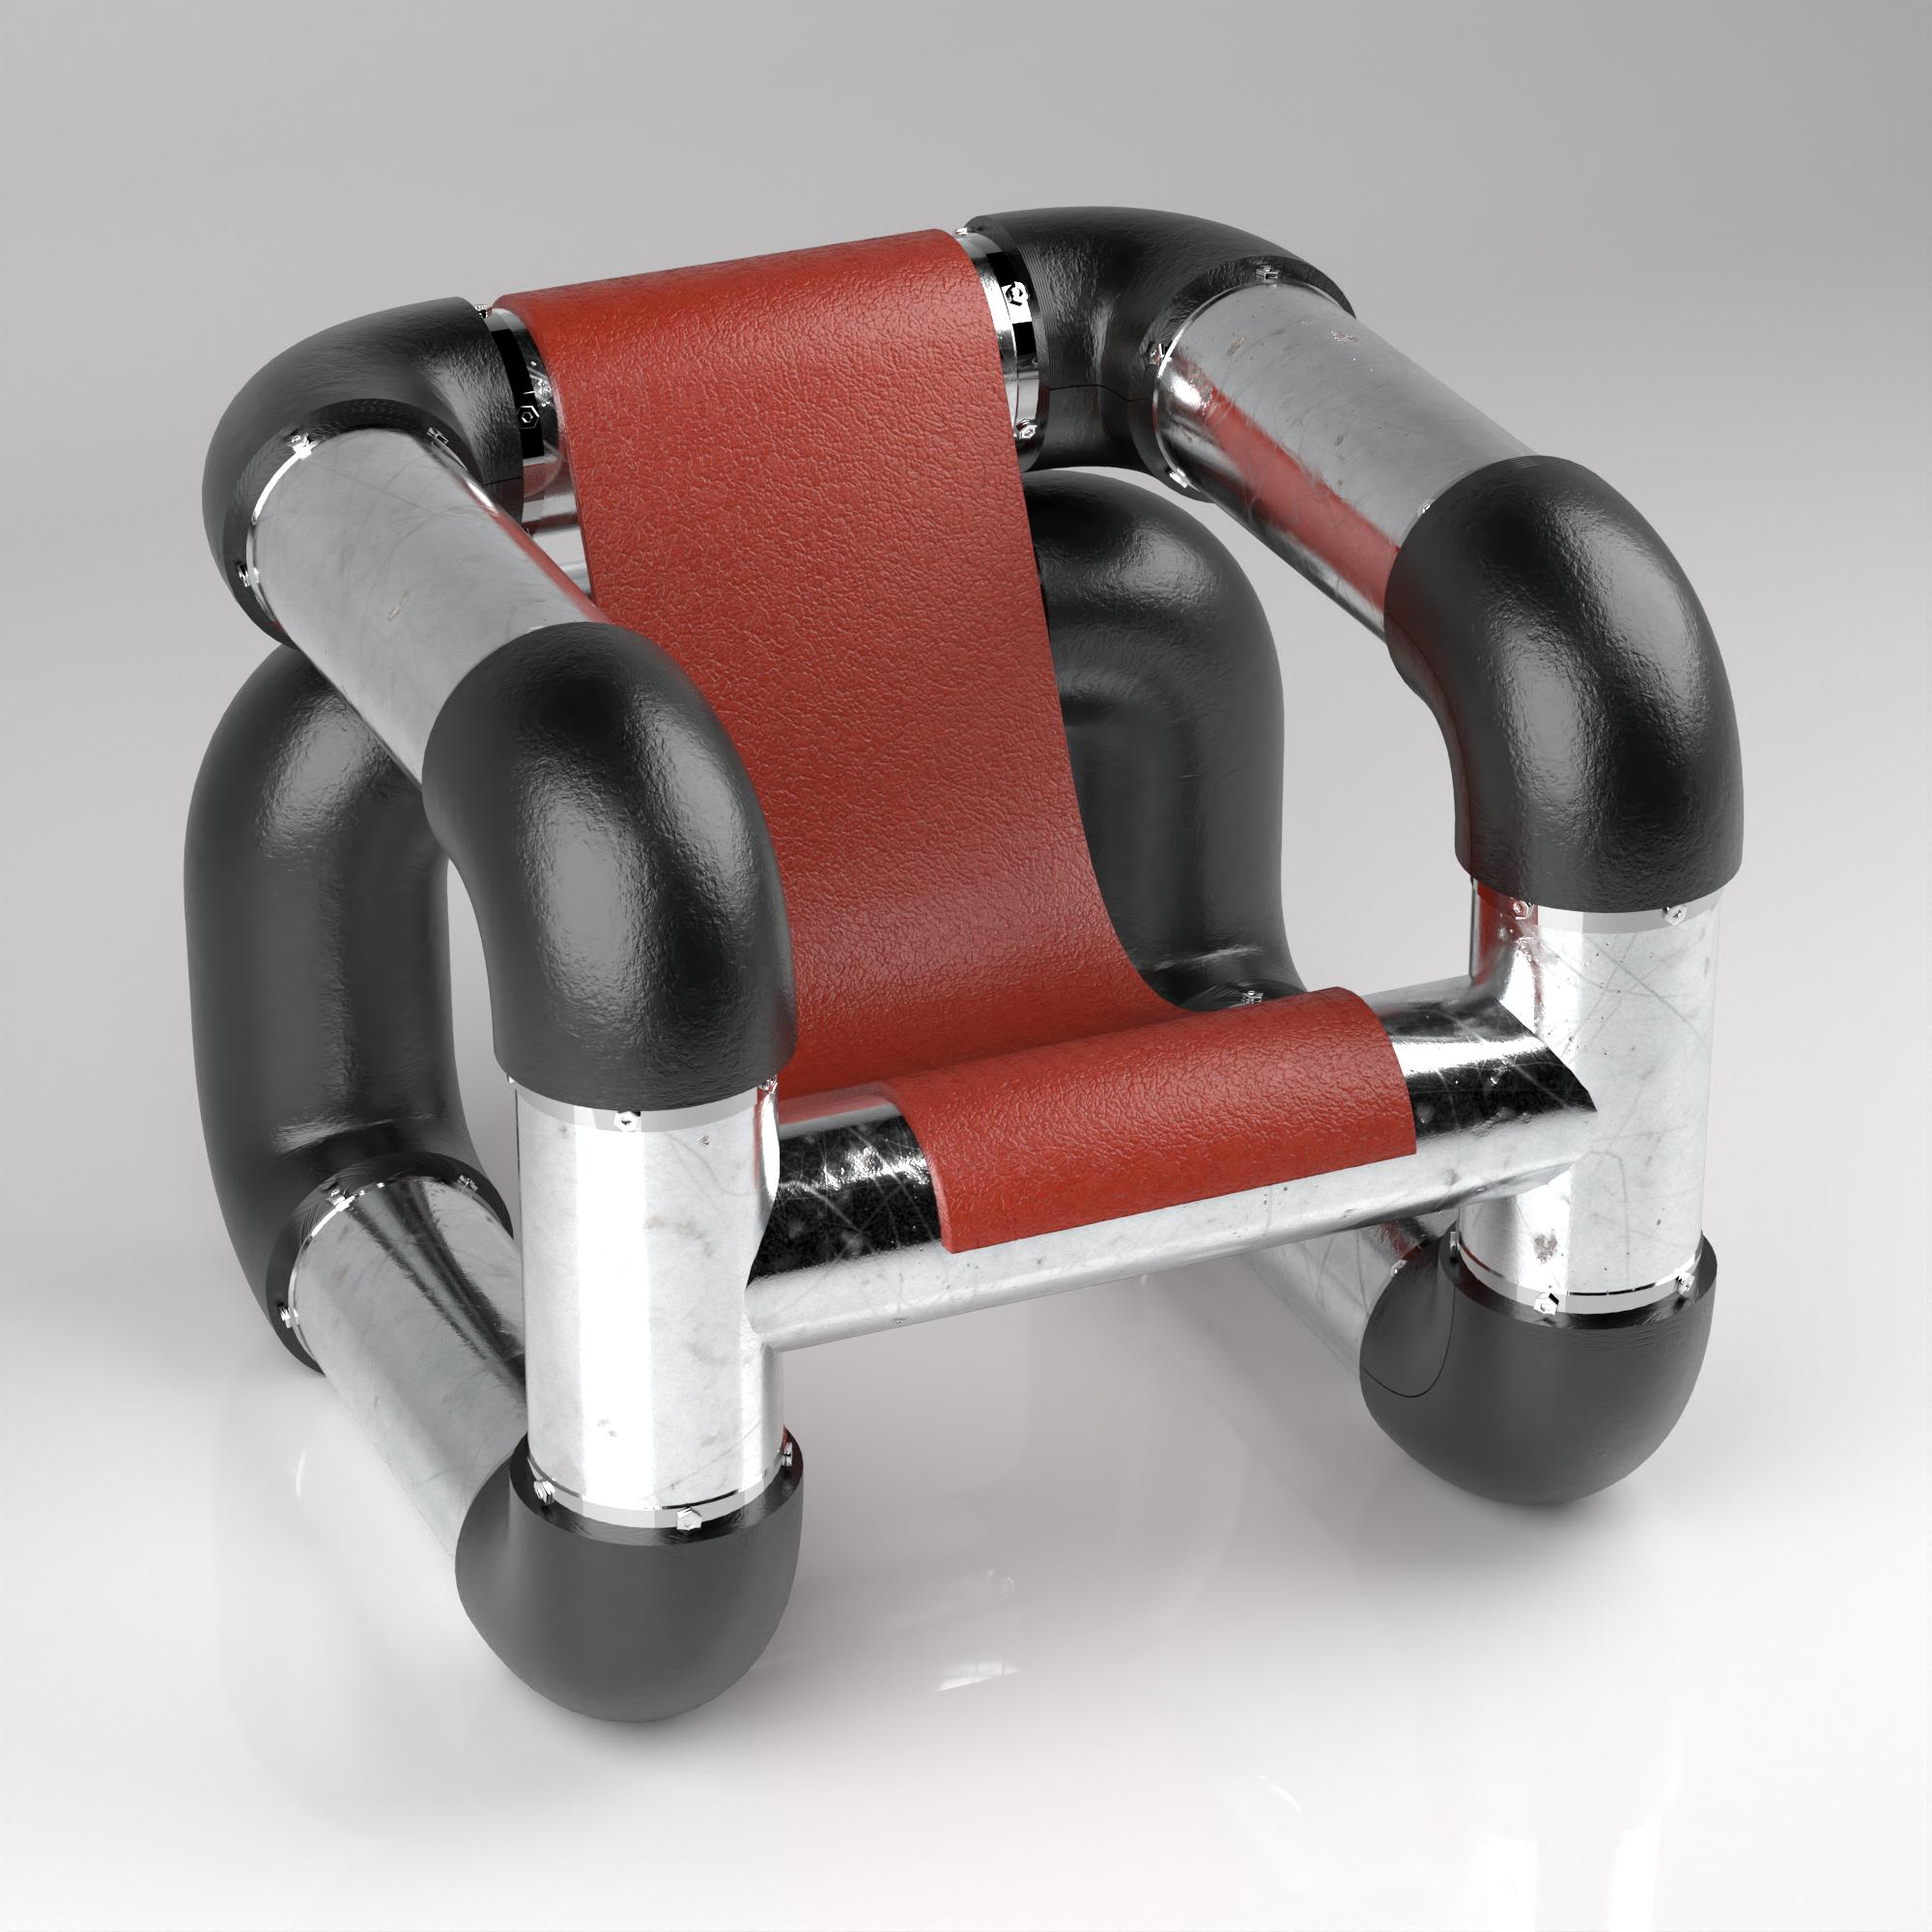 Procedural Pipe Chair - Rahul Girish